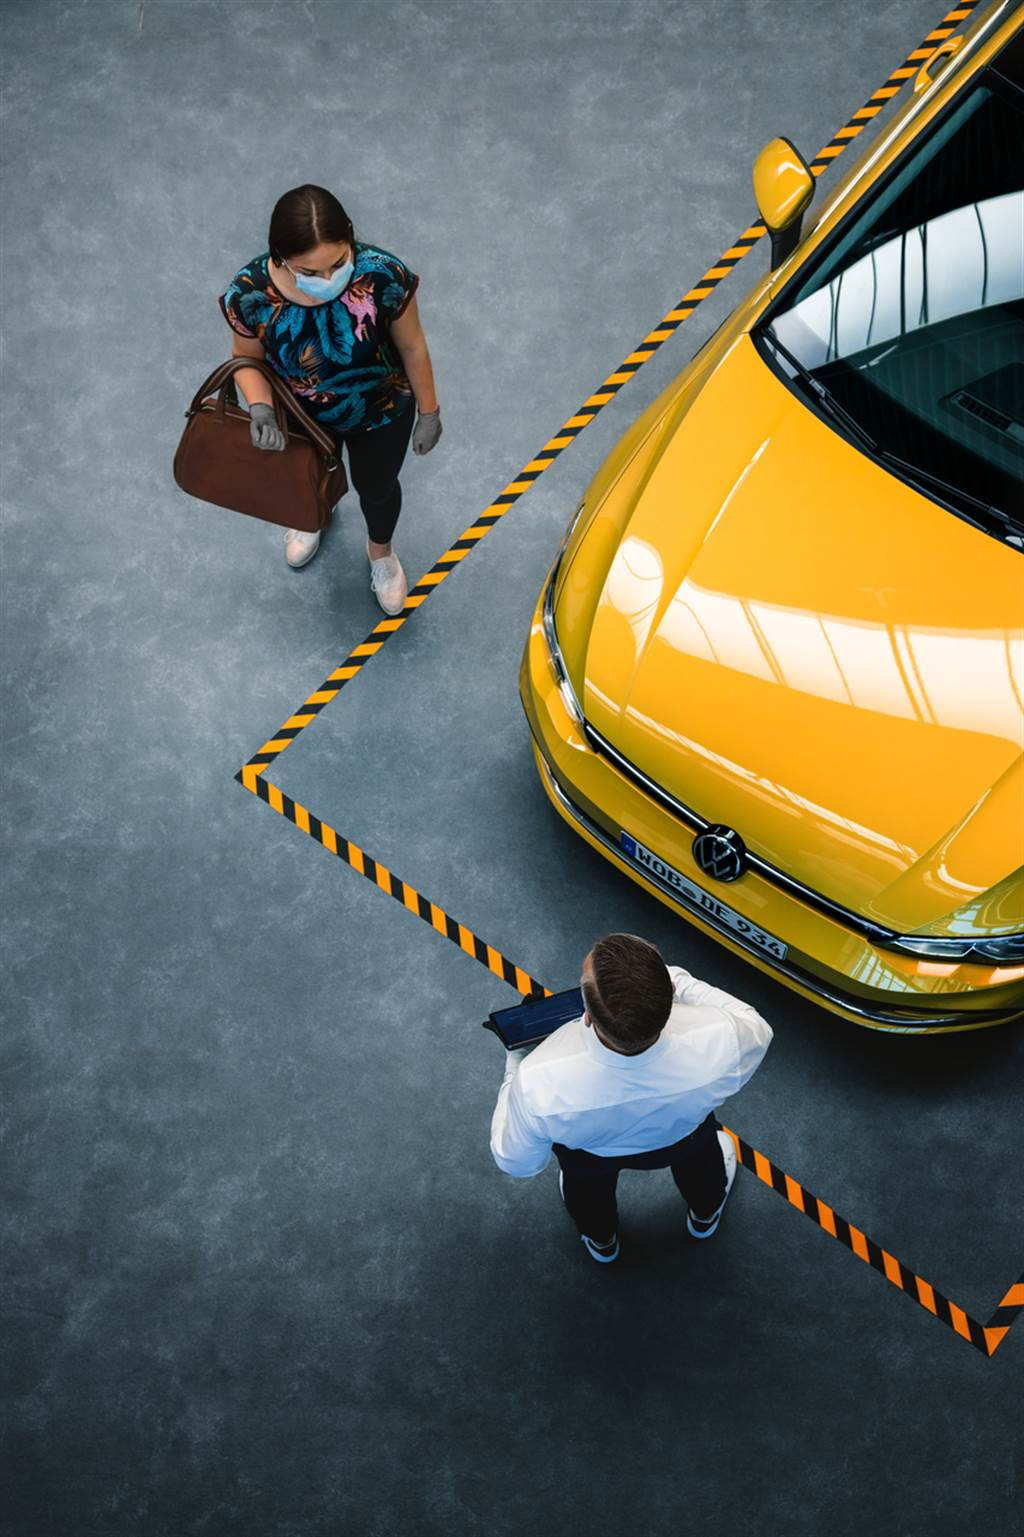 台灣福斯汽車旗下授權經銷商依規定管制室內總量人流、保持適當社交距離,進出皆採全程配戴口罩、量測體溫與簡訊實聯制。